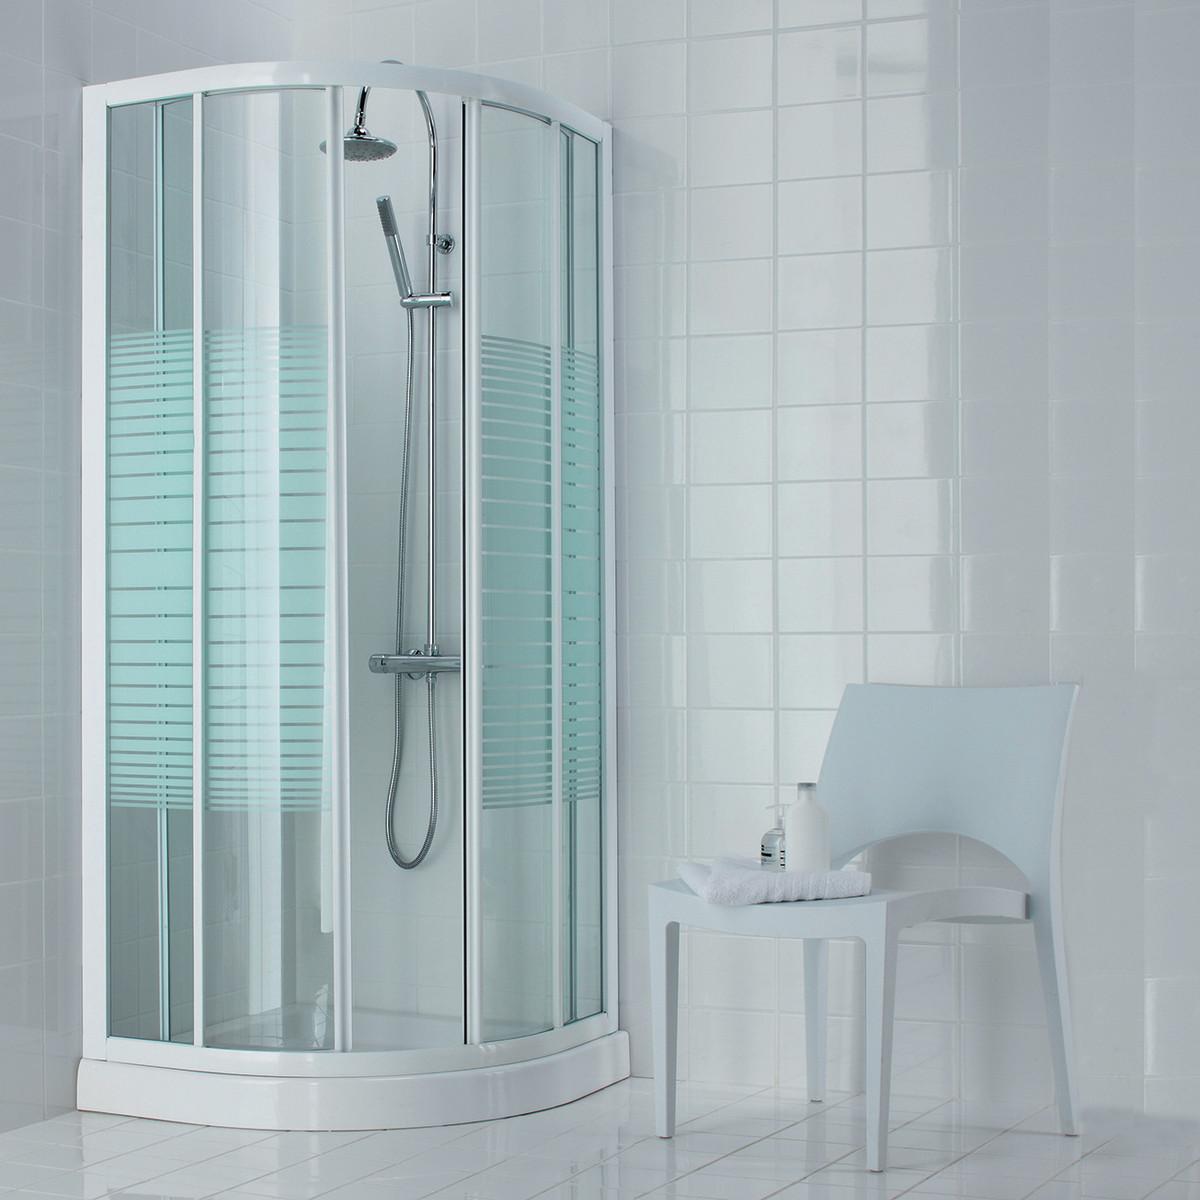 Cabina doccia completa 75 x 140 - Altezza box doccia ...